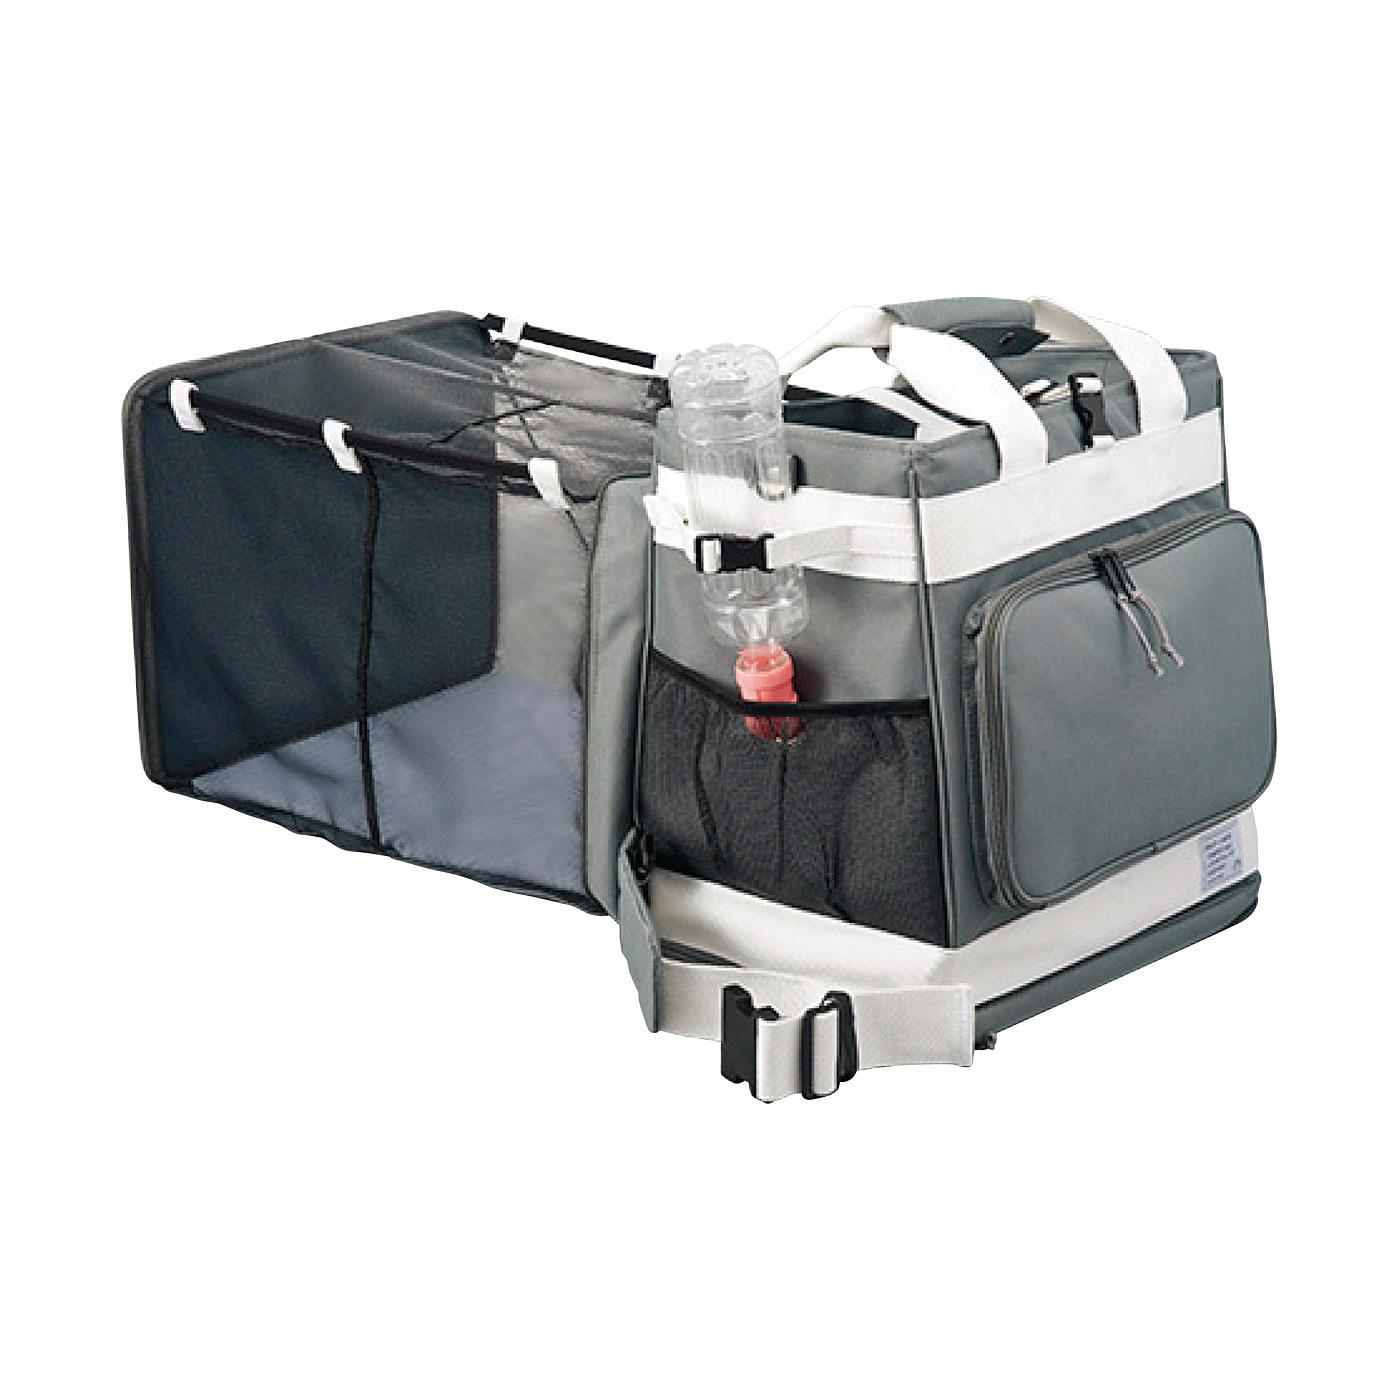 ケージにもなる拡張機能 背面から引っ張るだけでケージが登場。避難先でのペットの生活の居住スペースに。バッグを開けずに外から水をあげられる、給水口付き。(給水ボトルおよび給水ノズルは付いていません)